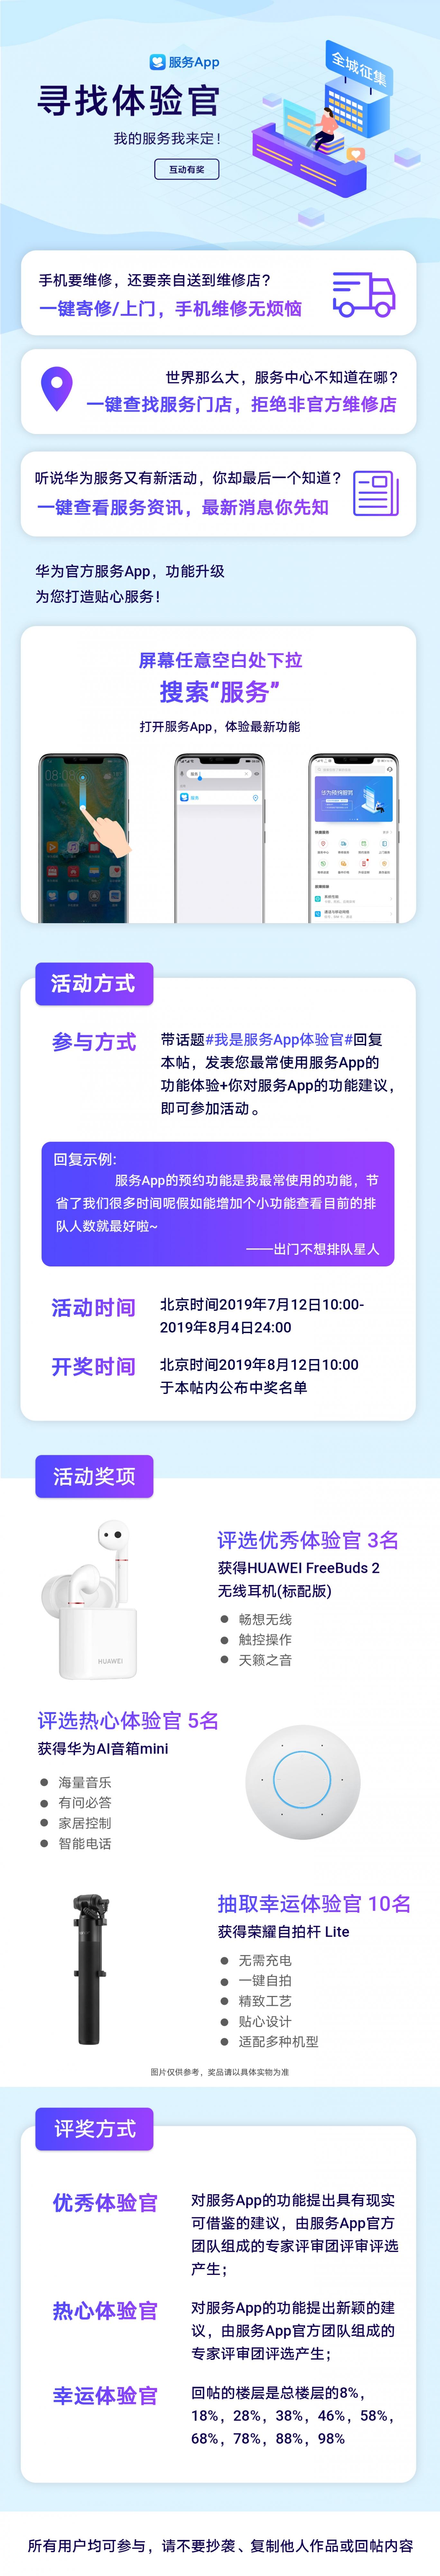 【论坛版2】寻找体验官App小写icon调整.jpg